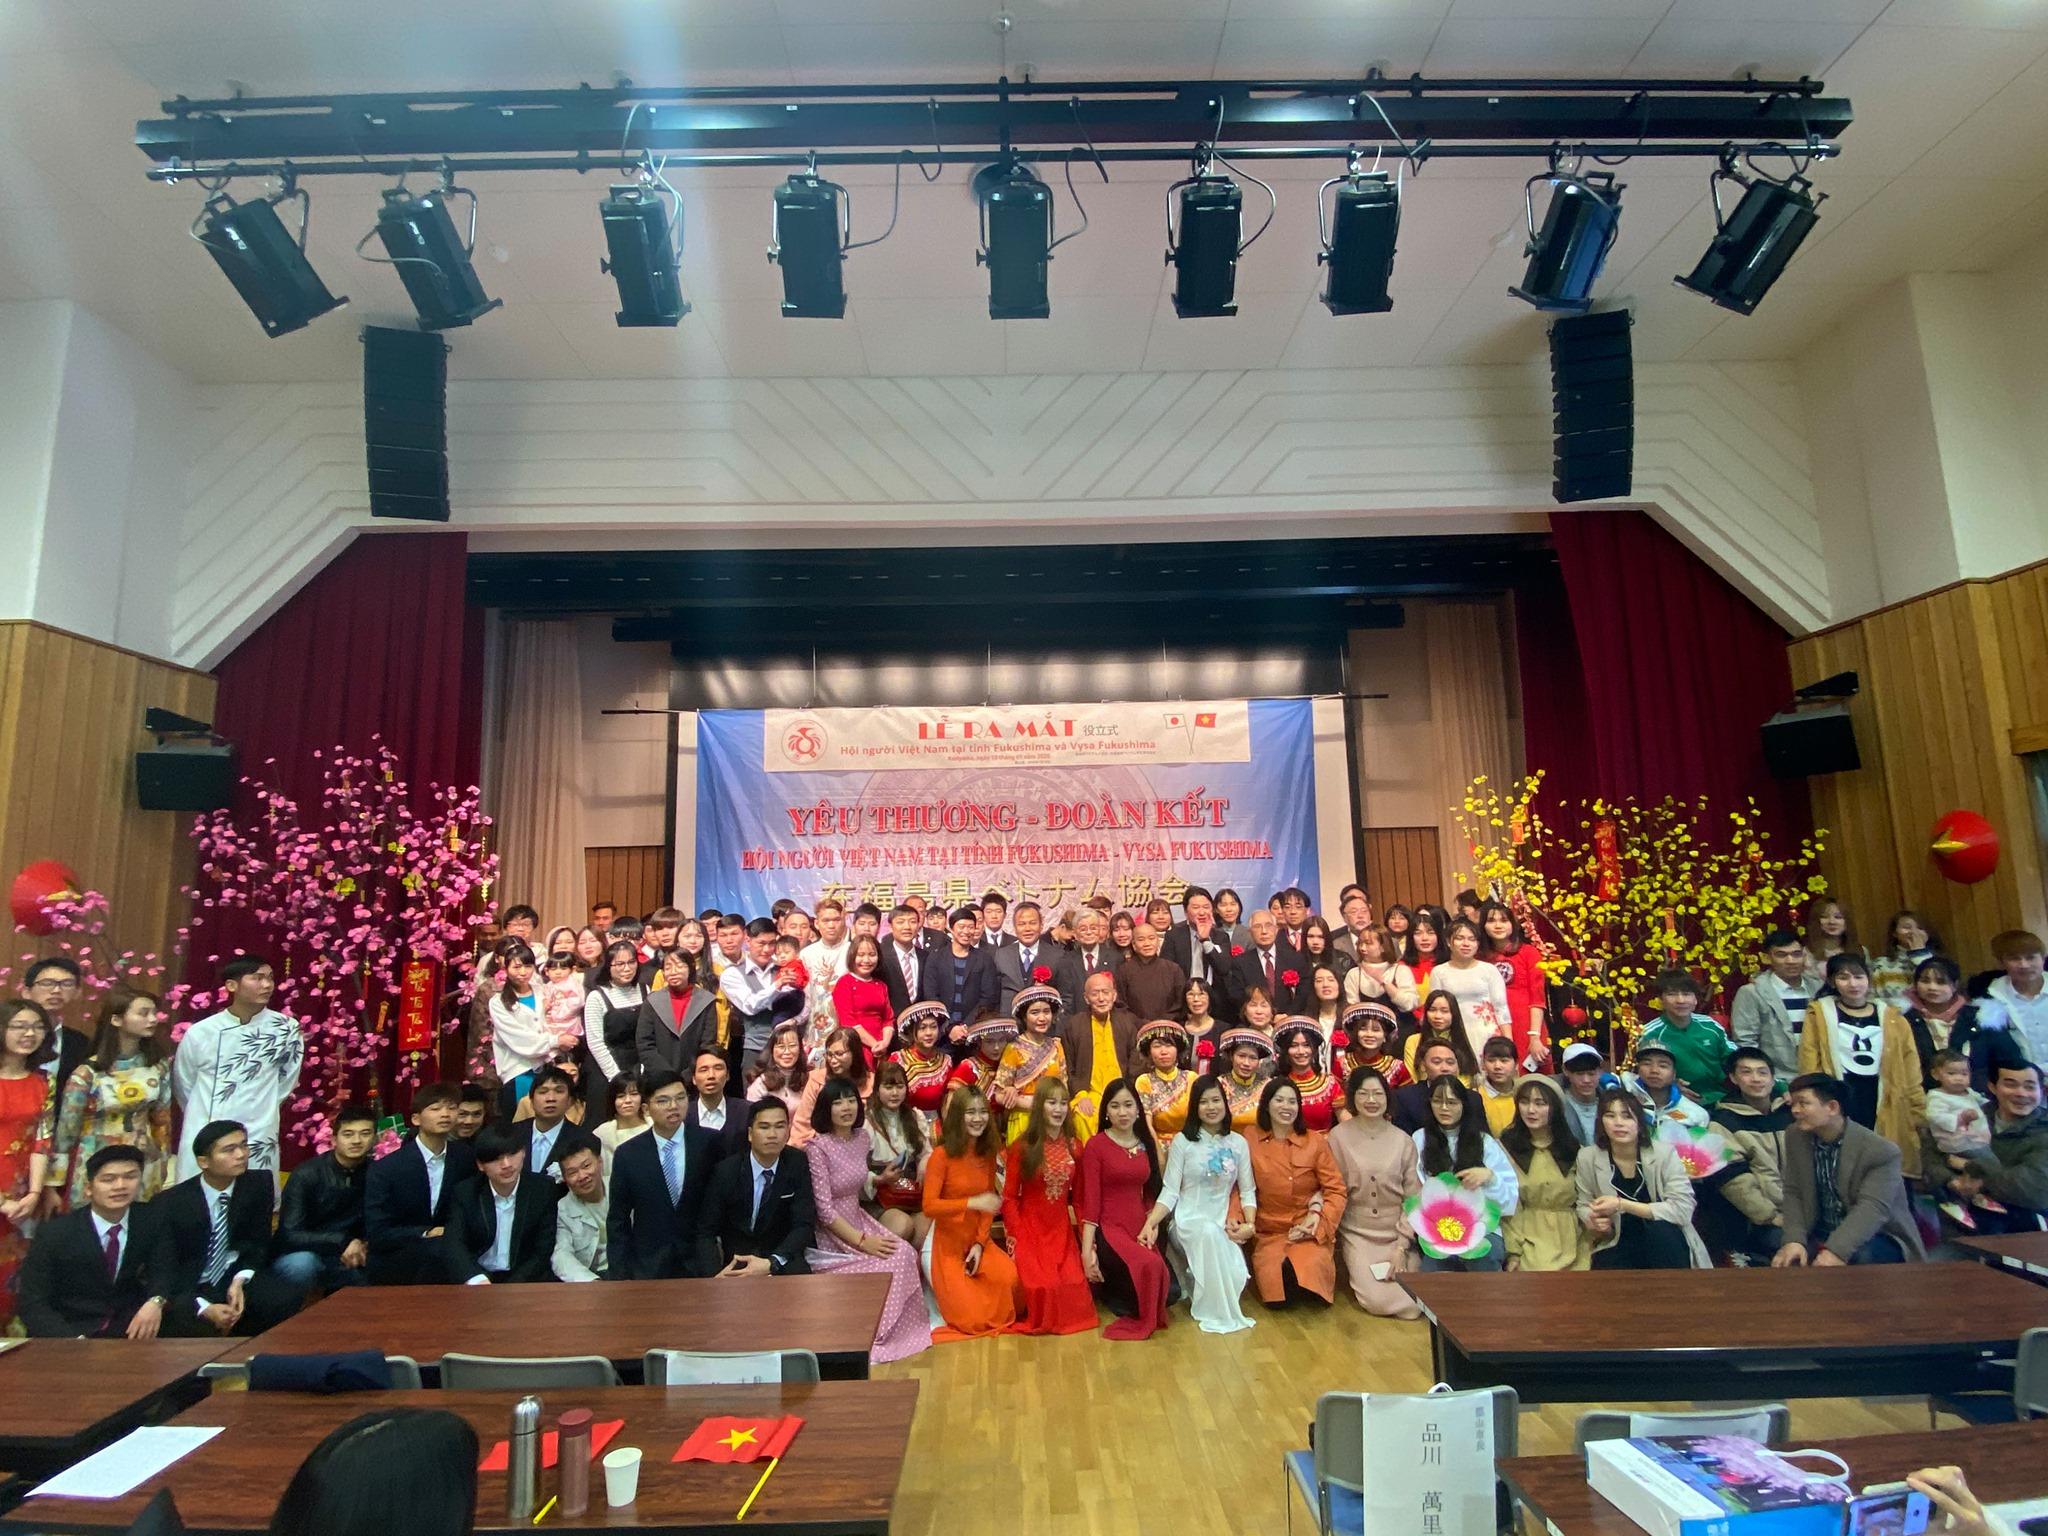 福島県ベトナム人会と宮城県仙台市ベトナム人会の設立式